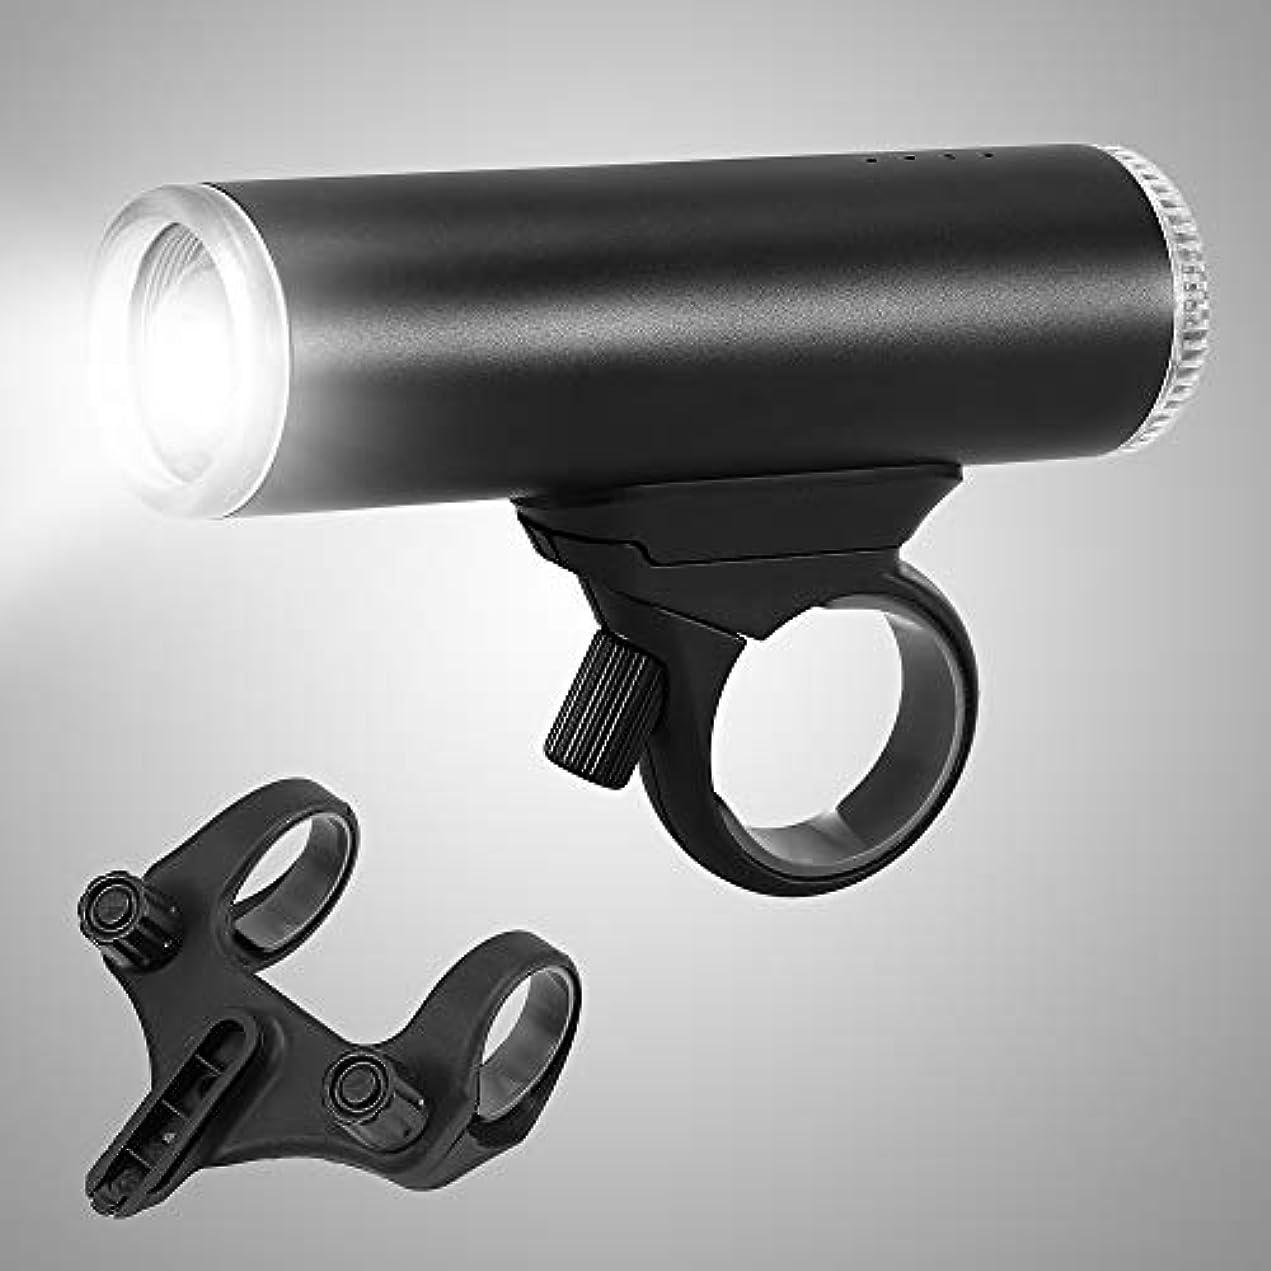 延ばす通信する郵便物Rakuby 自転車ケーブル ロック 多目的 頑丈 盗難防止 セキュリティケーブル ロック MTB電気モーター バイク用